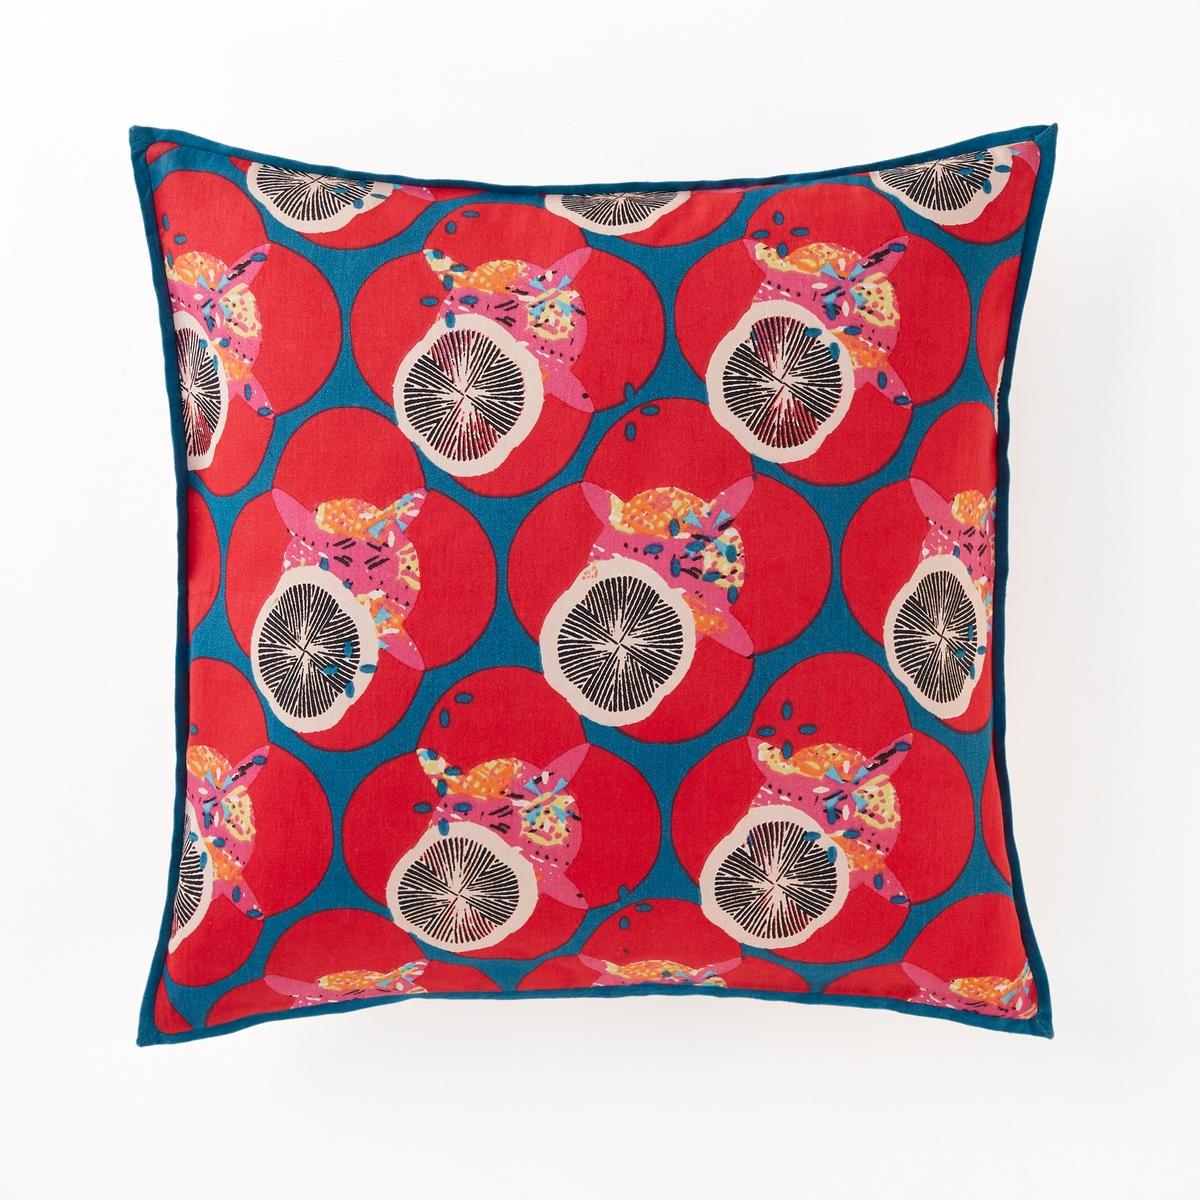 Наволочка на подушку-валик из хлопкового сатина, Nenuphars